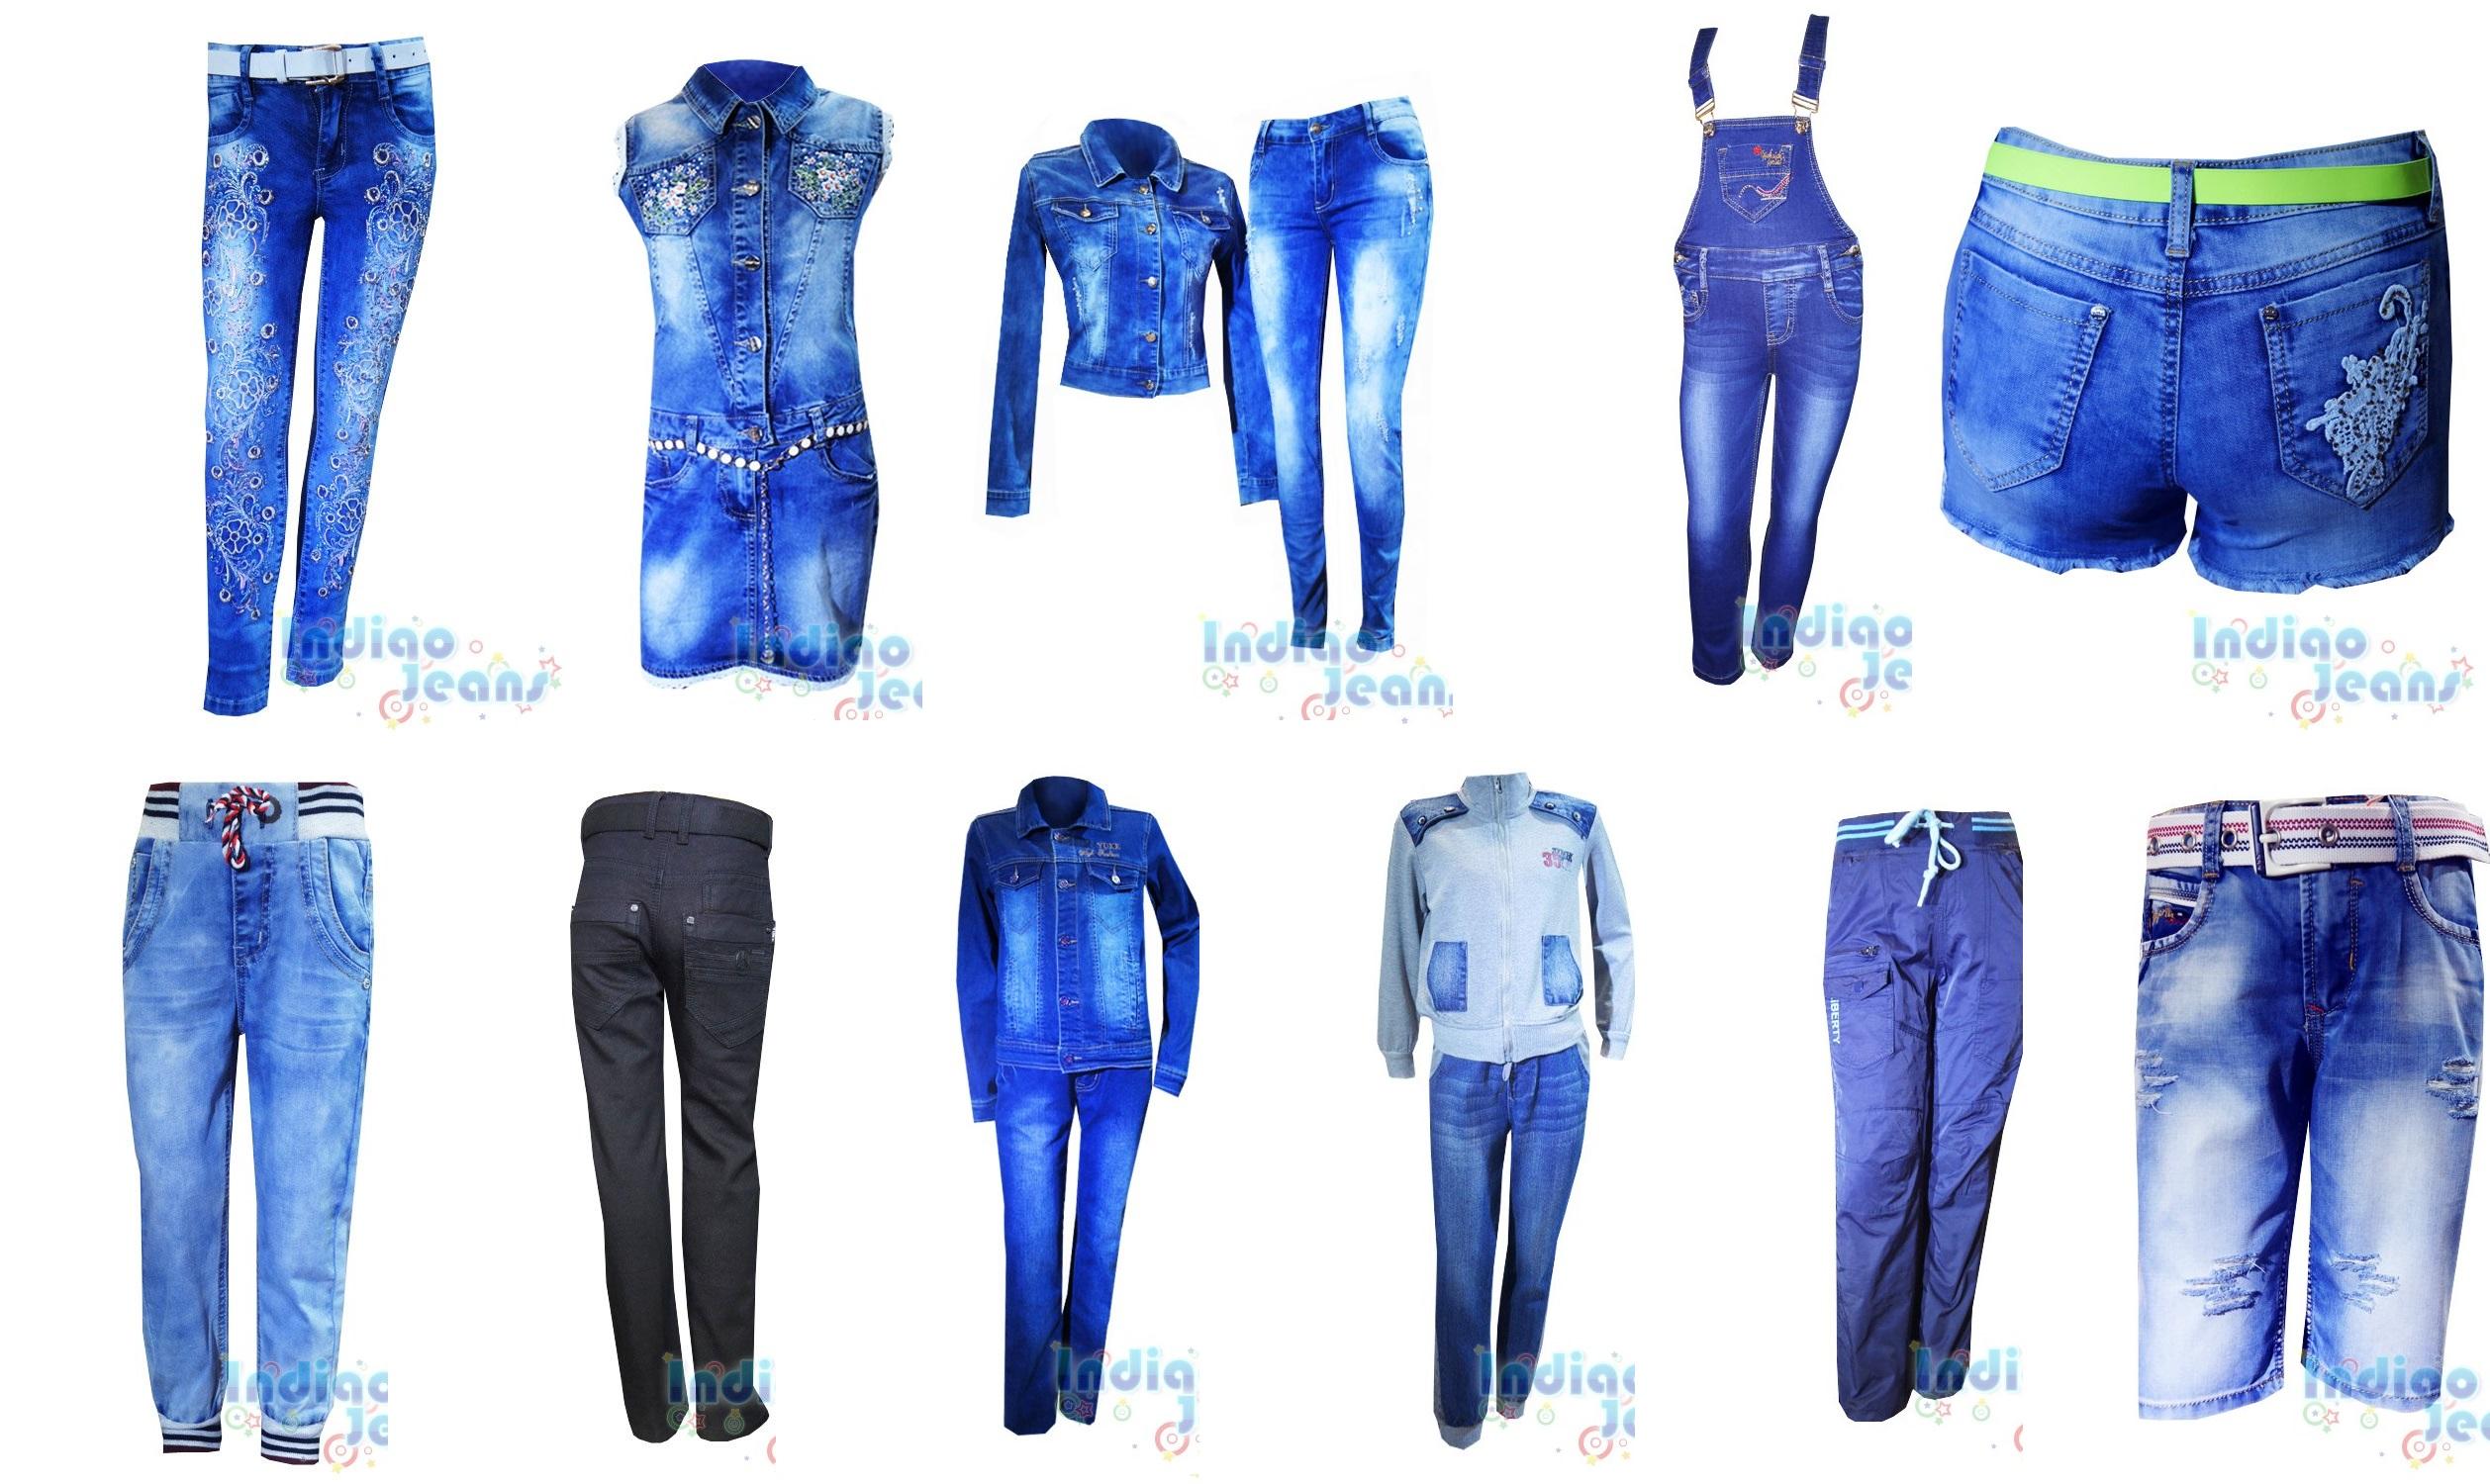 Джинсовый рай - 30! Огромный выбор утепленных джинс, брюк, джинсовок... Школьный ассортимент. Верхняя одежда. От 74 до 176 р-ра. Без рядов!